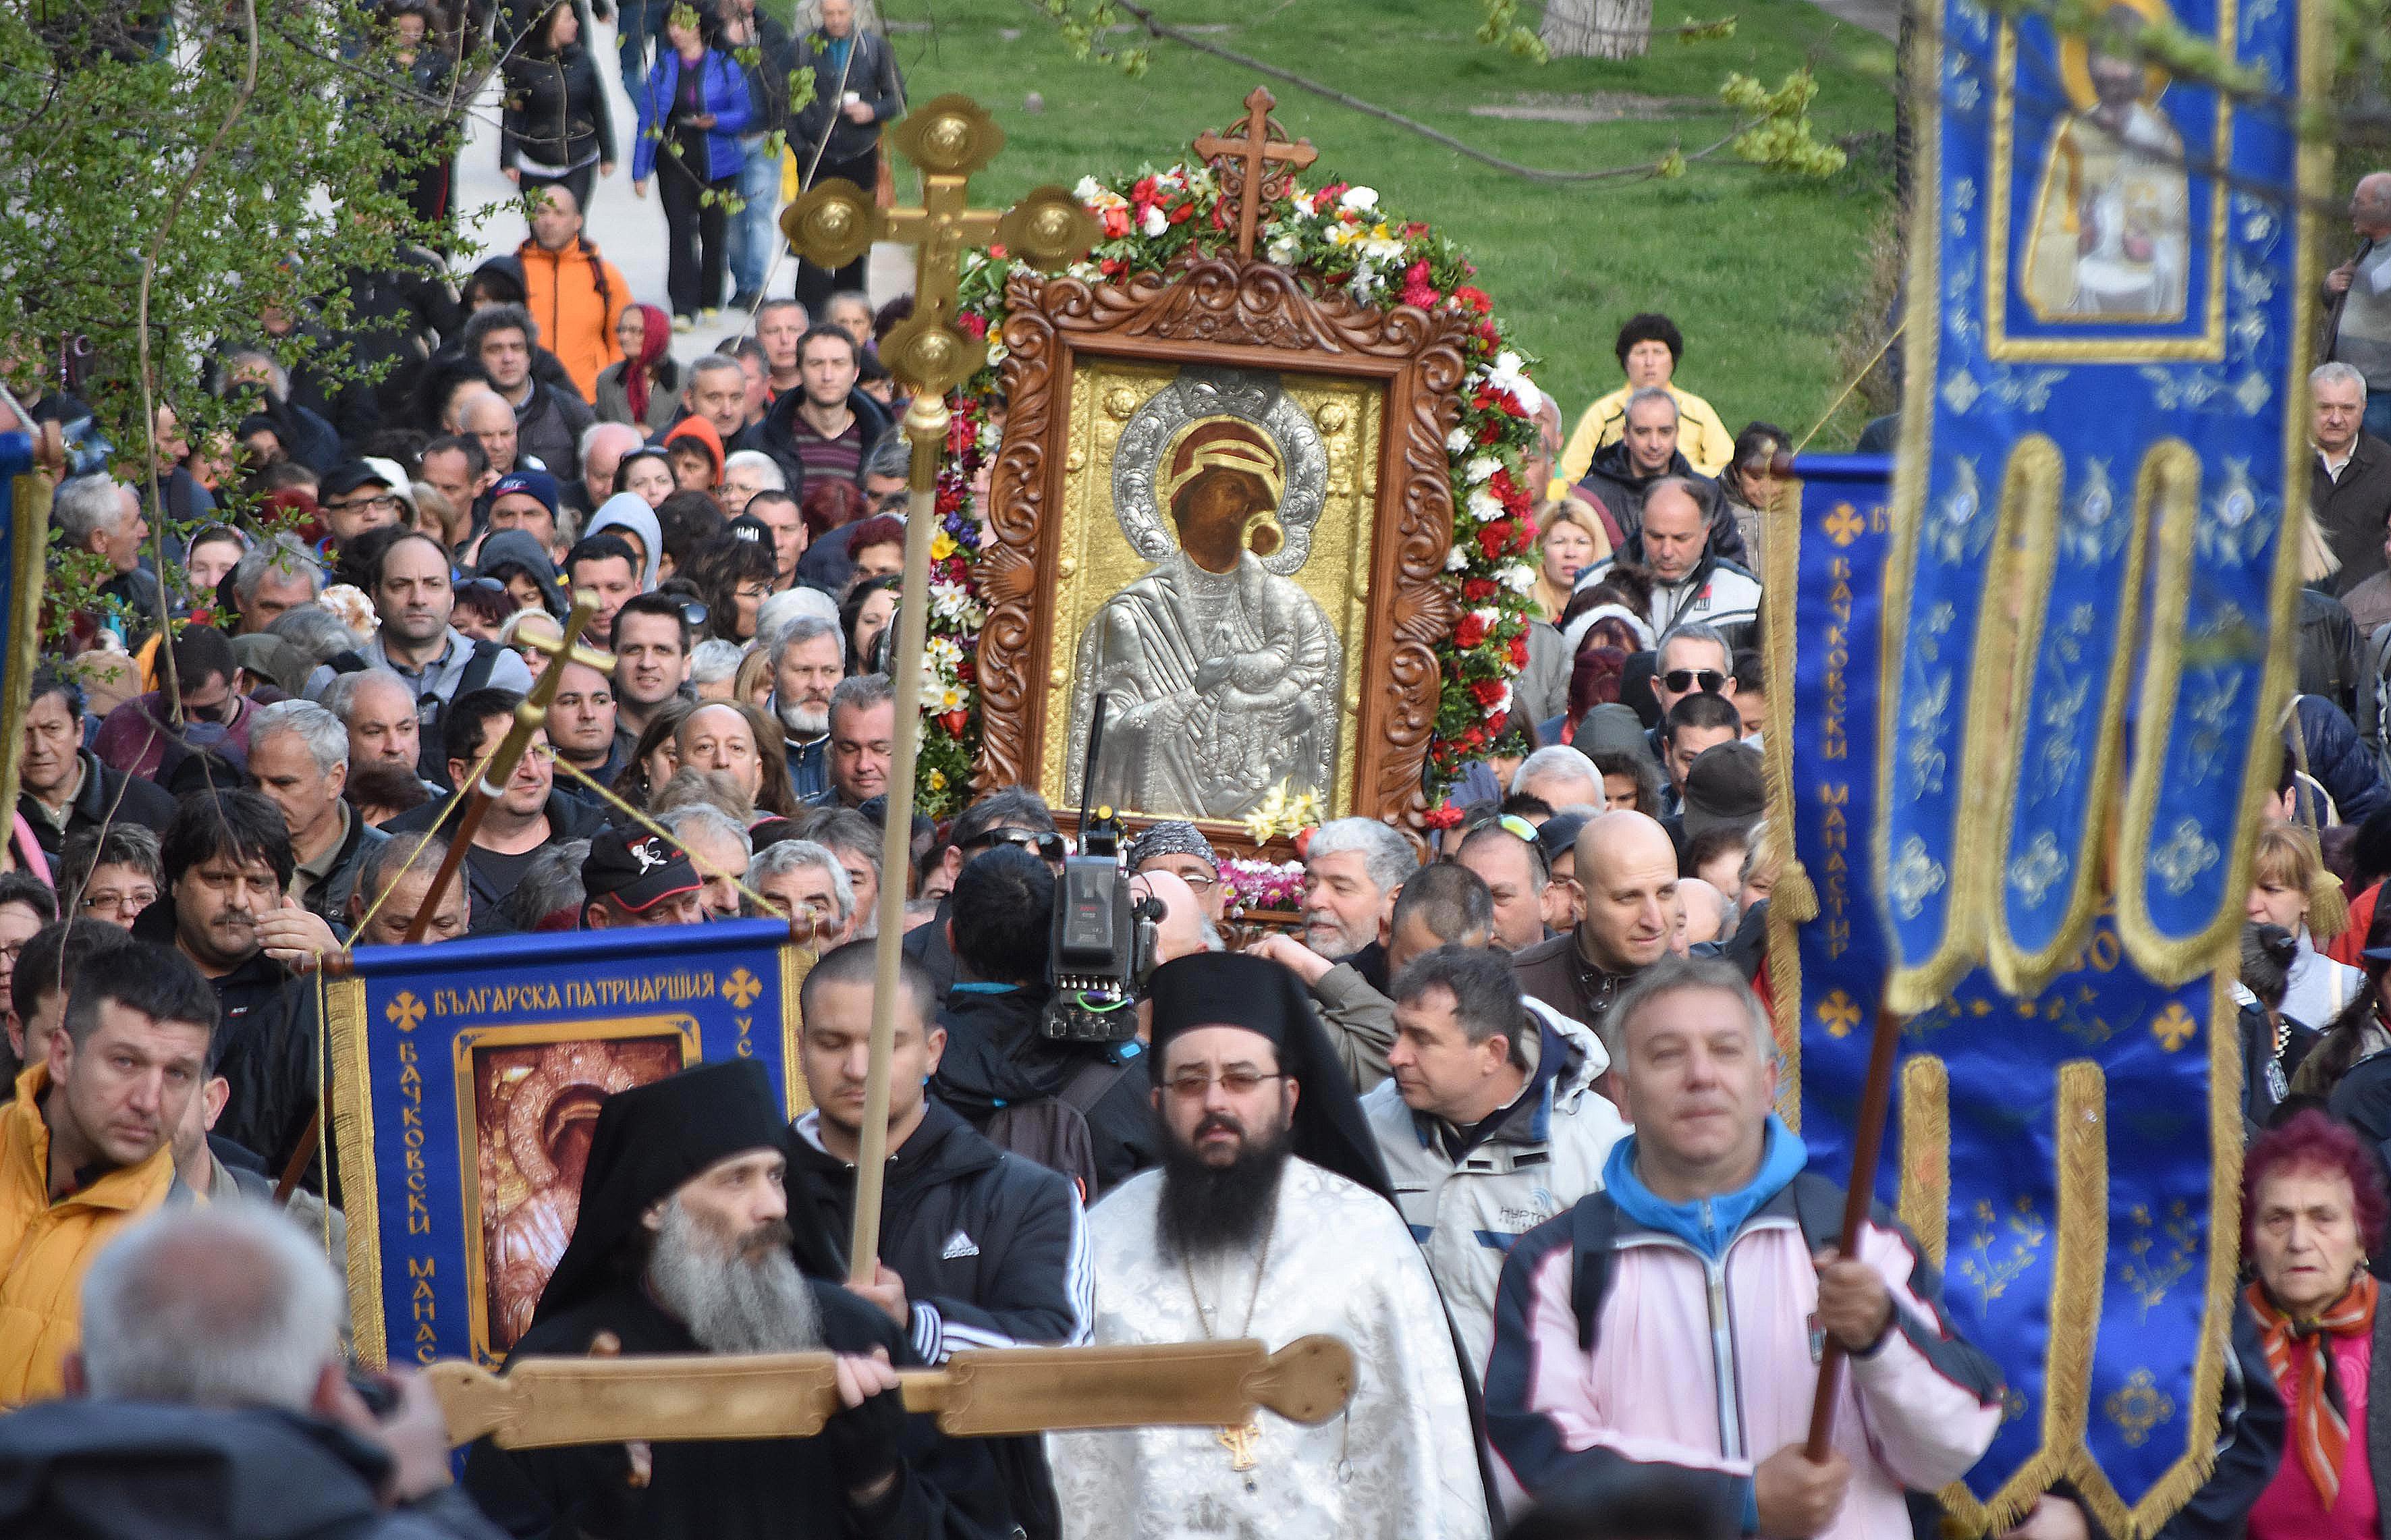 Хиляди изнесоха Чудотворната икона от Бачковския манастир